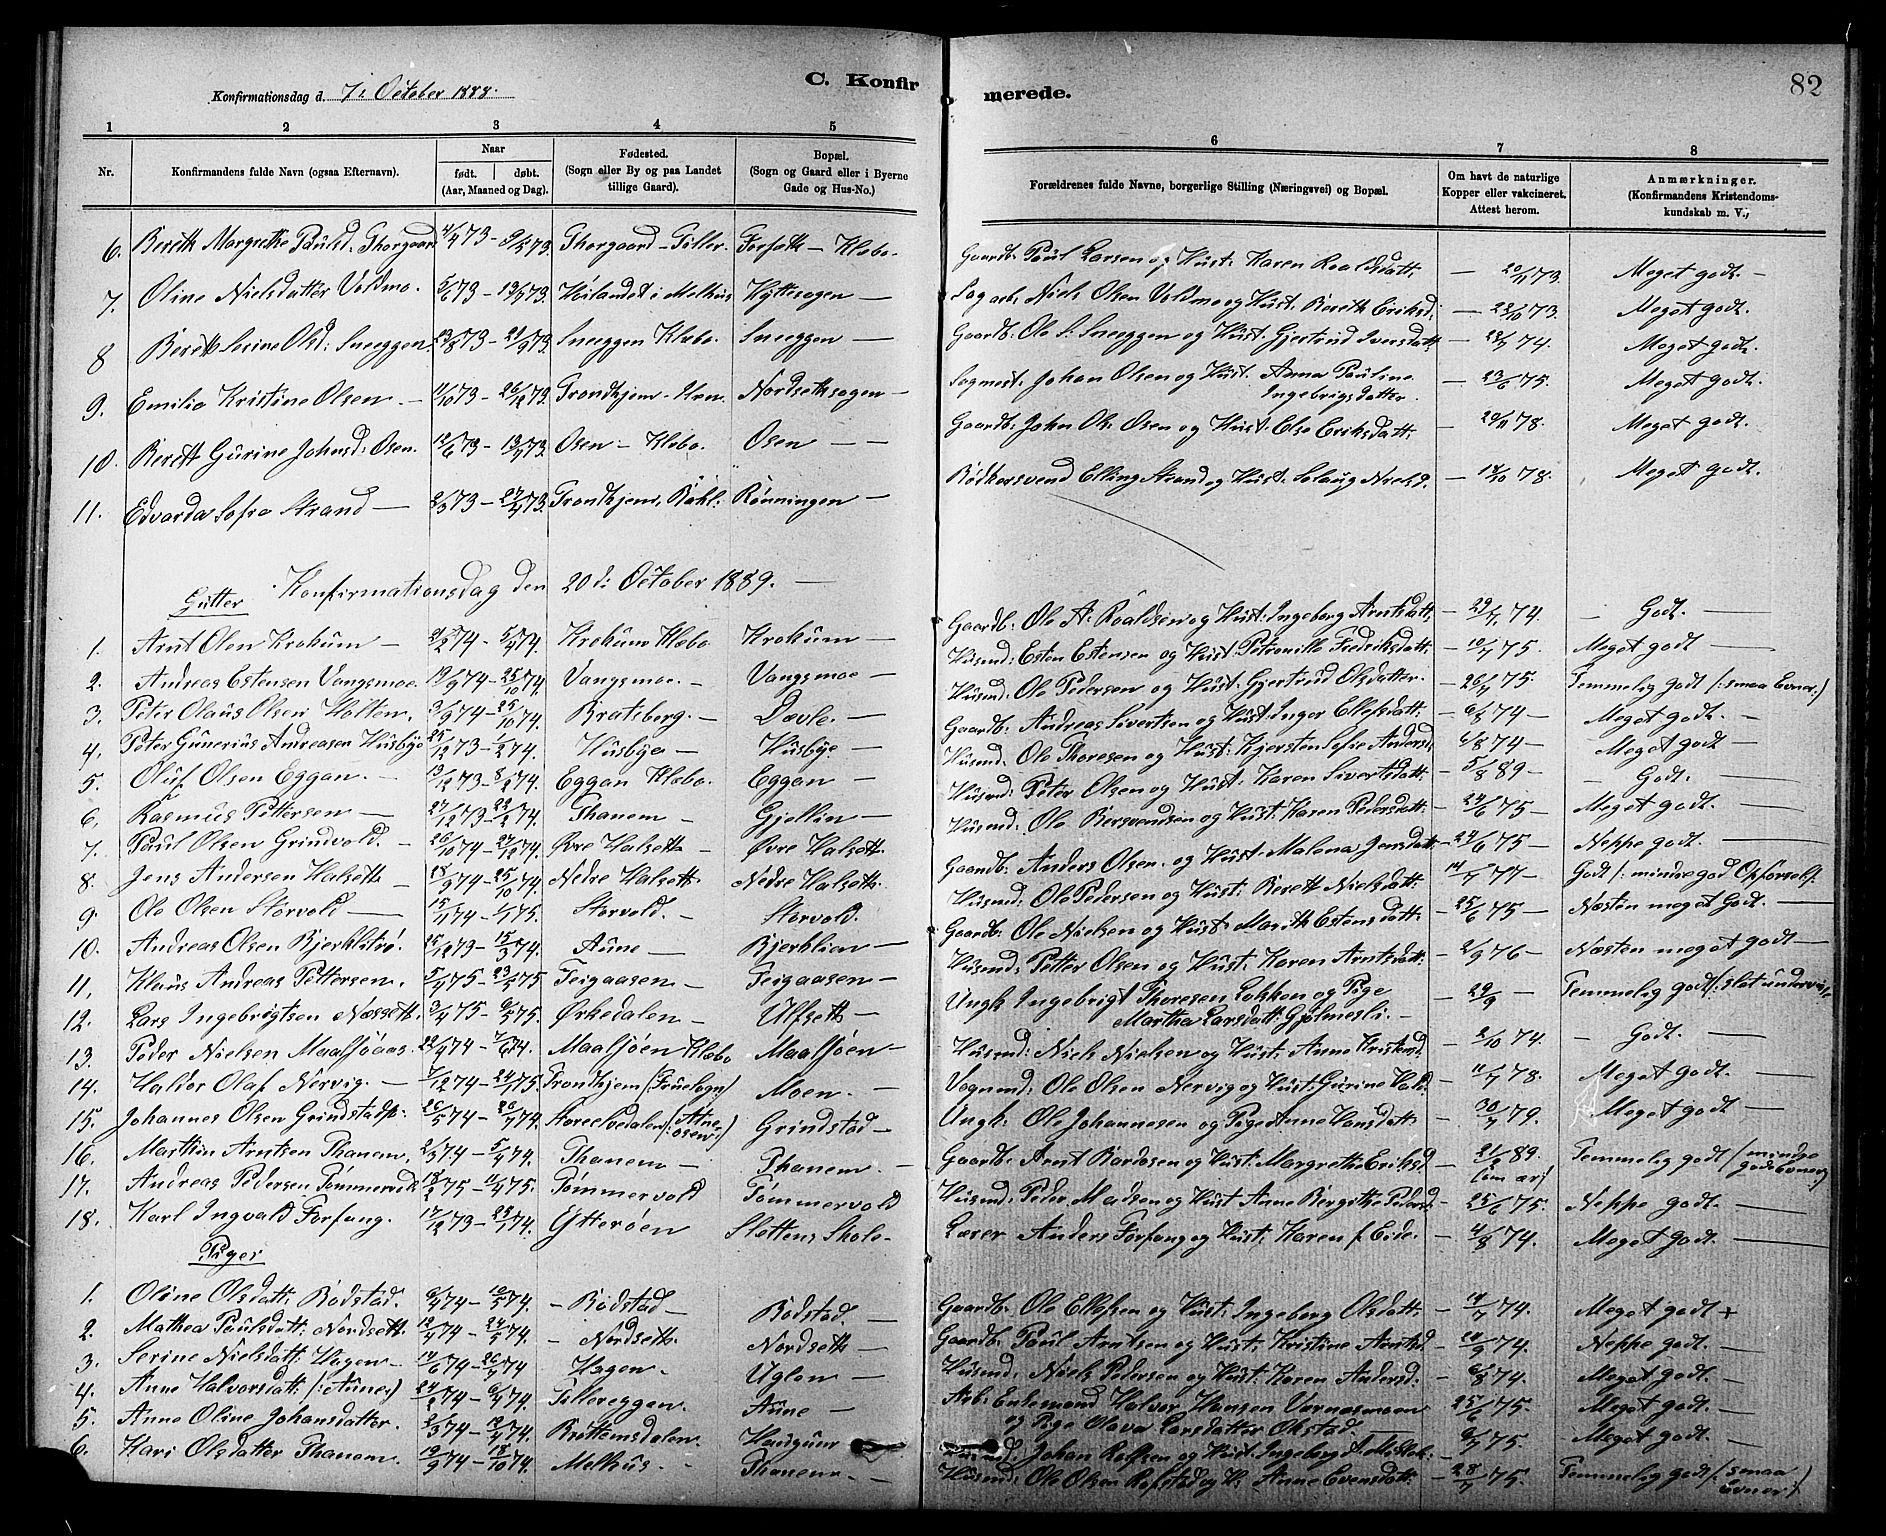 SAT, Ministerialprotokoller, klokkerbøker og fødselsregistre - Sør-Trøndelag, 618/L0452: Klokkerbok nr. 618C03, 1884-1906, s. 82